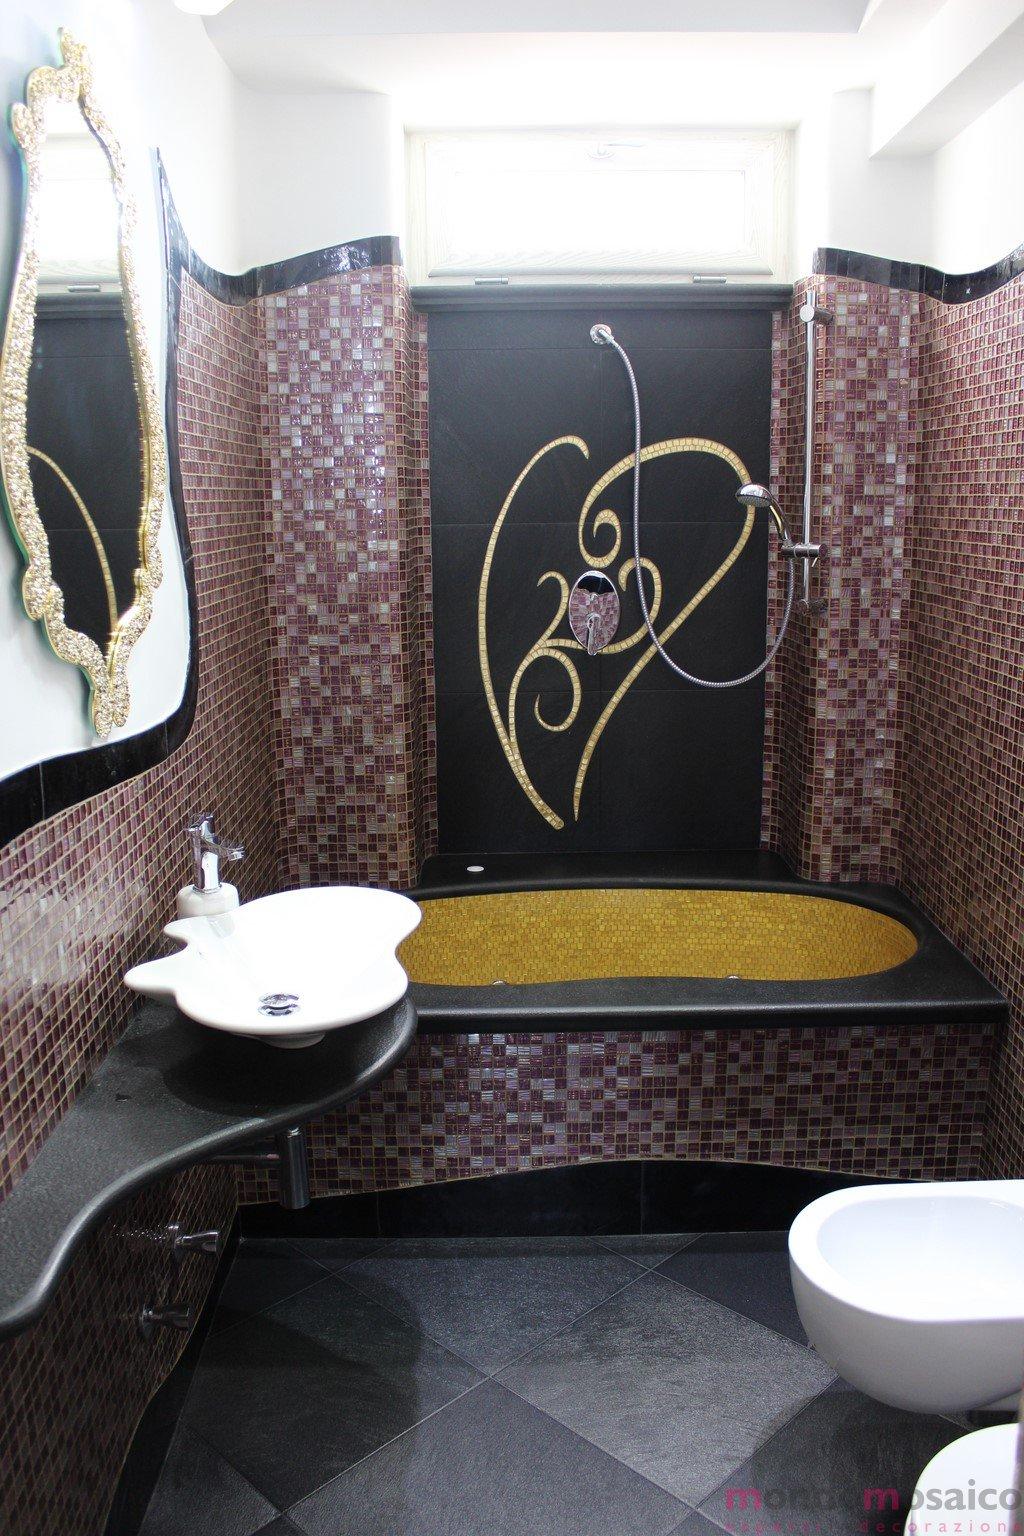 Bagno in mosaico viola e oro mondo mosaico italia - Accessori bagno viola ...